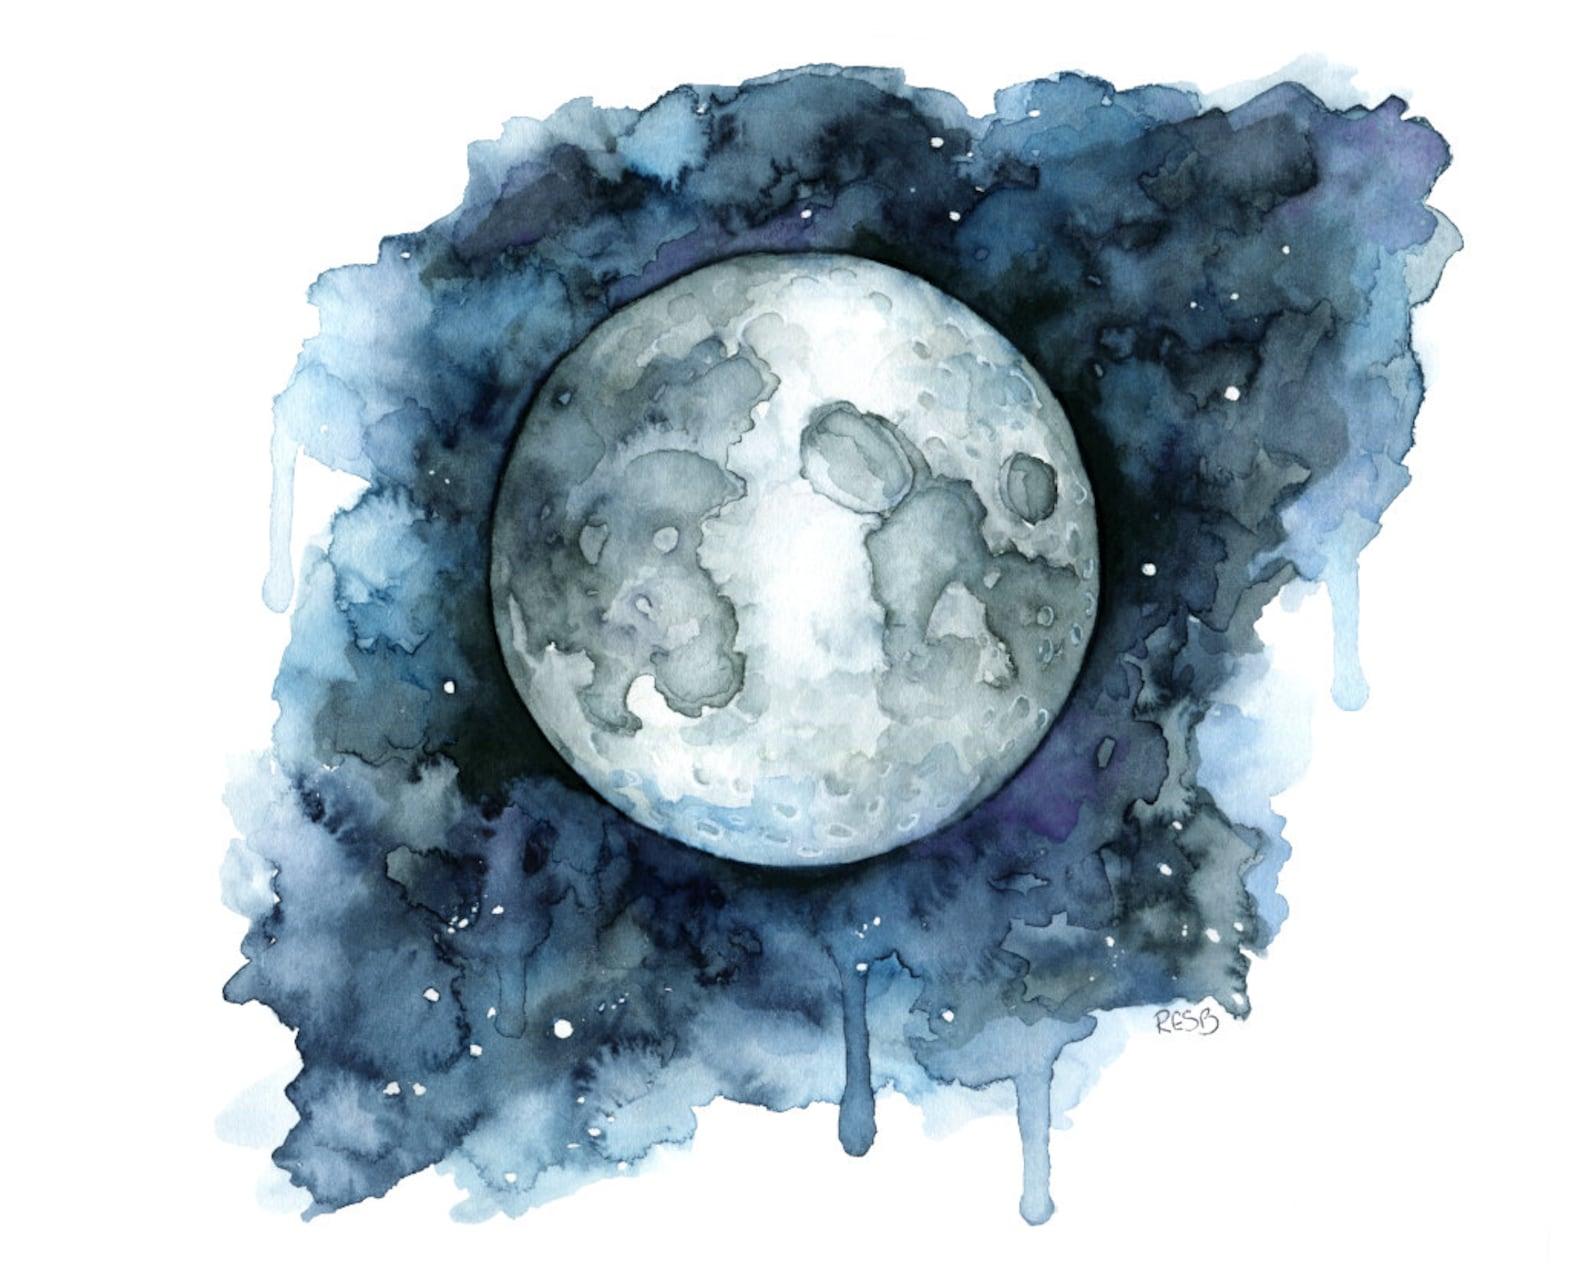 Нарисованная луна в картинках